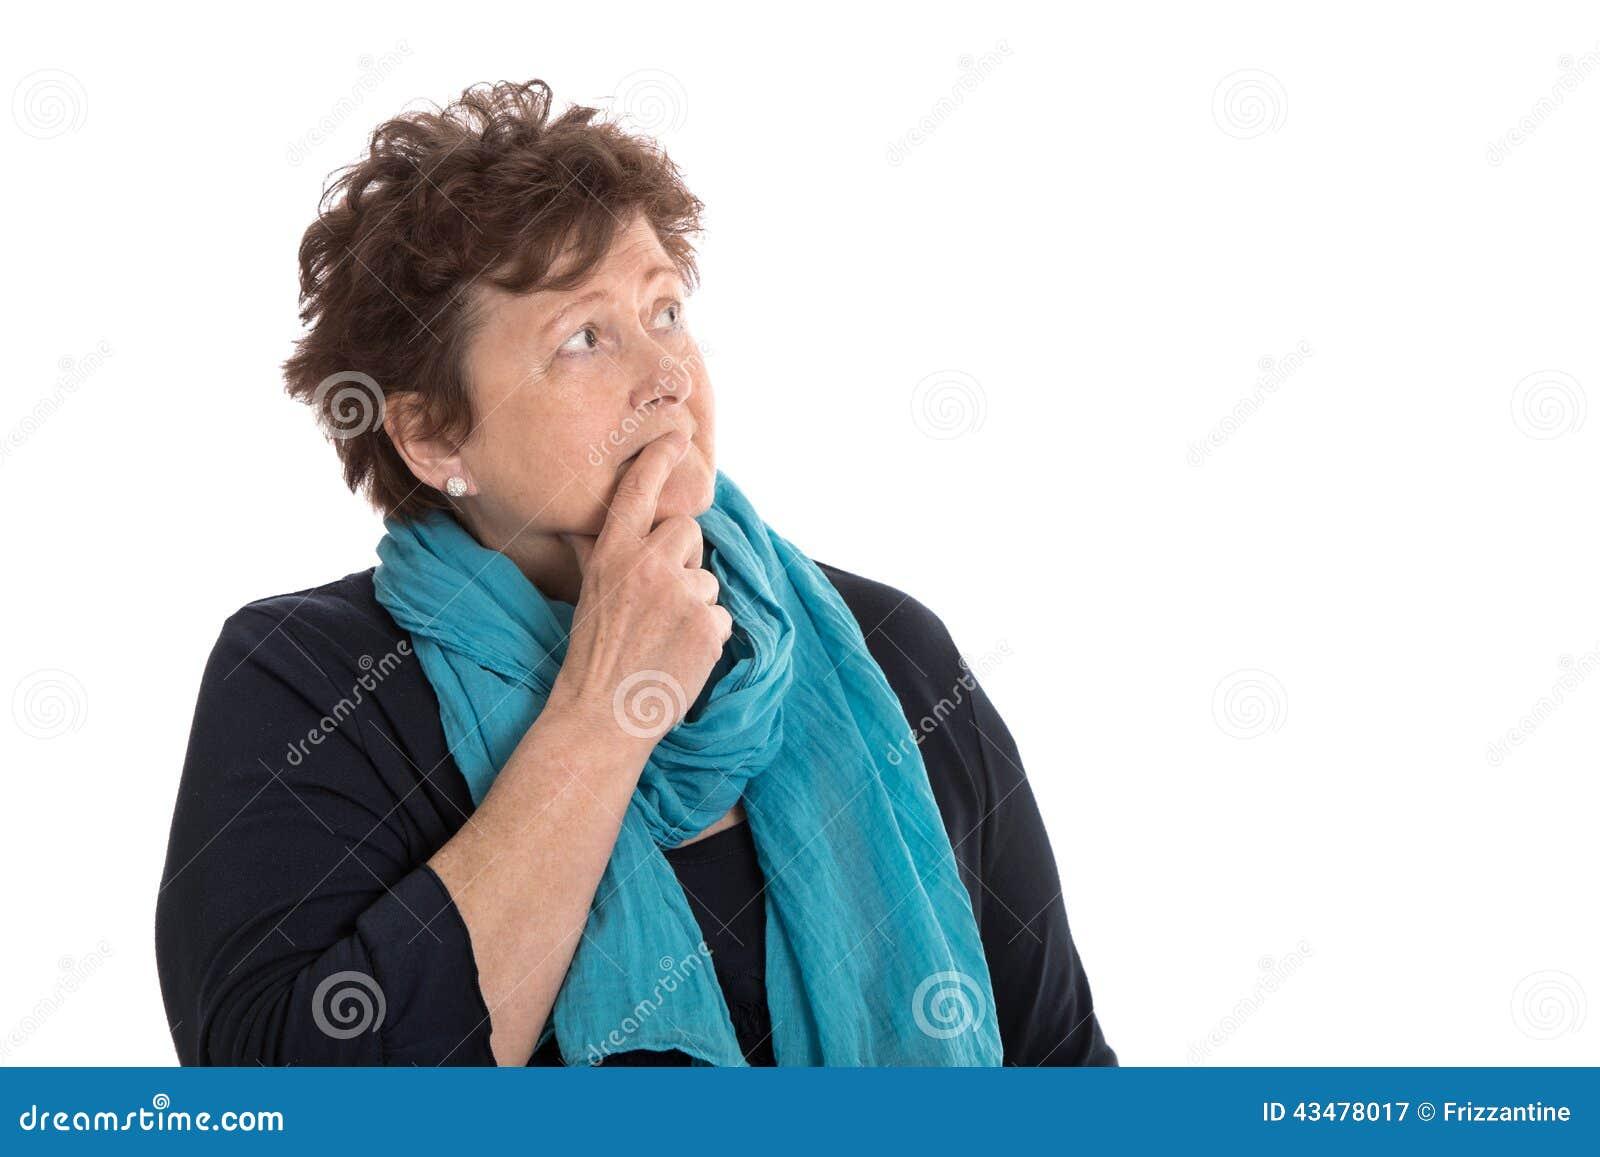 Απομονωμένη ζαλισμένη ανώτερη γυναίκα που φαίνεται σκεπτική και περίλυπη πλευρά